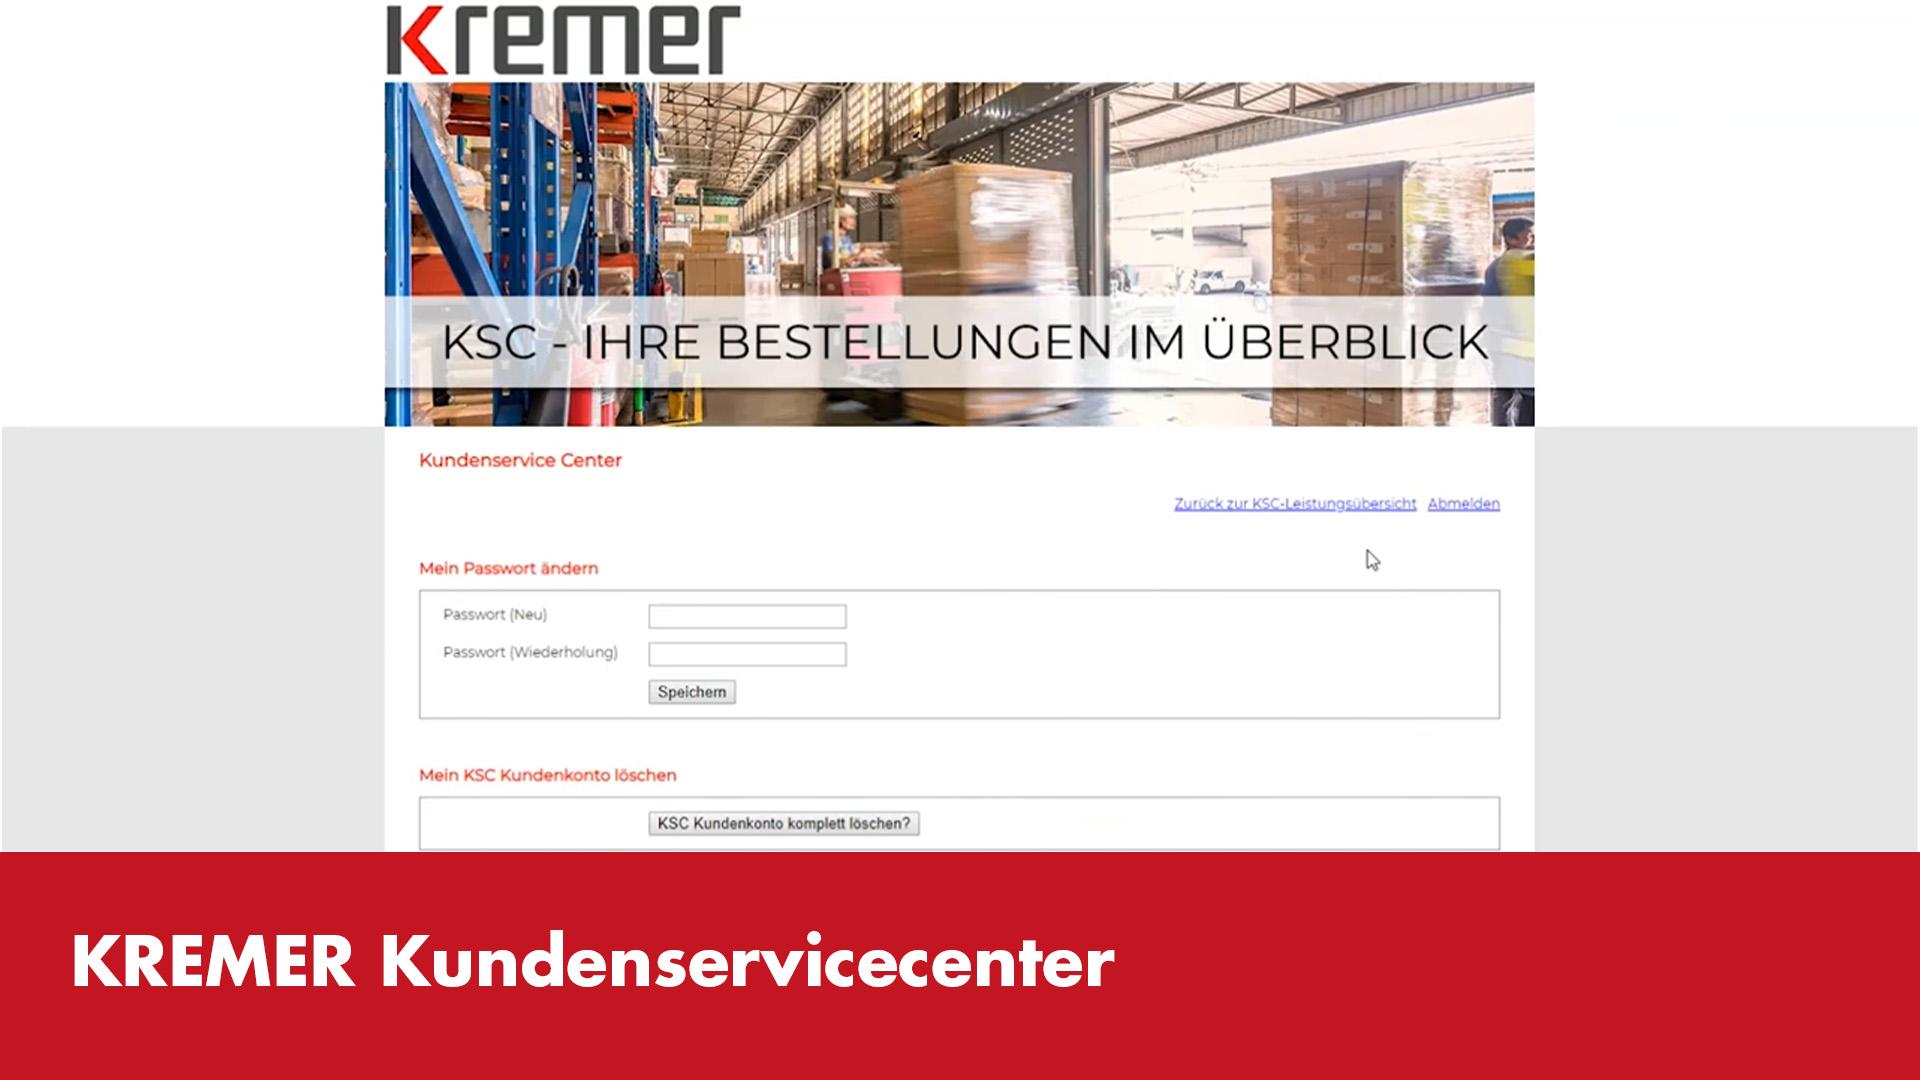 Video-Vorschaubild Kremer Kundenservicecenter